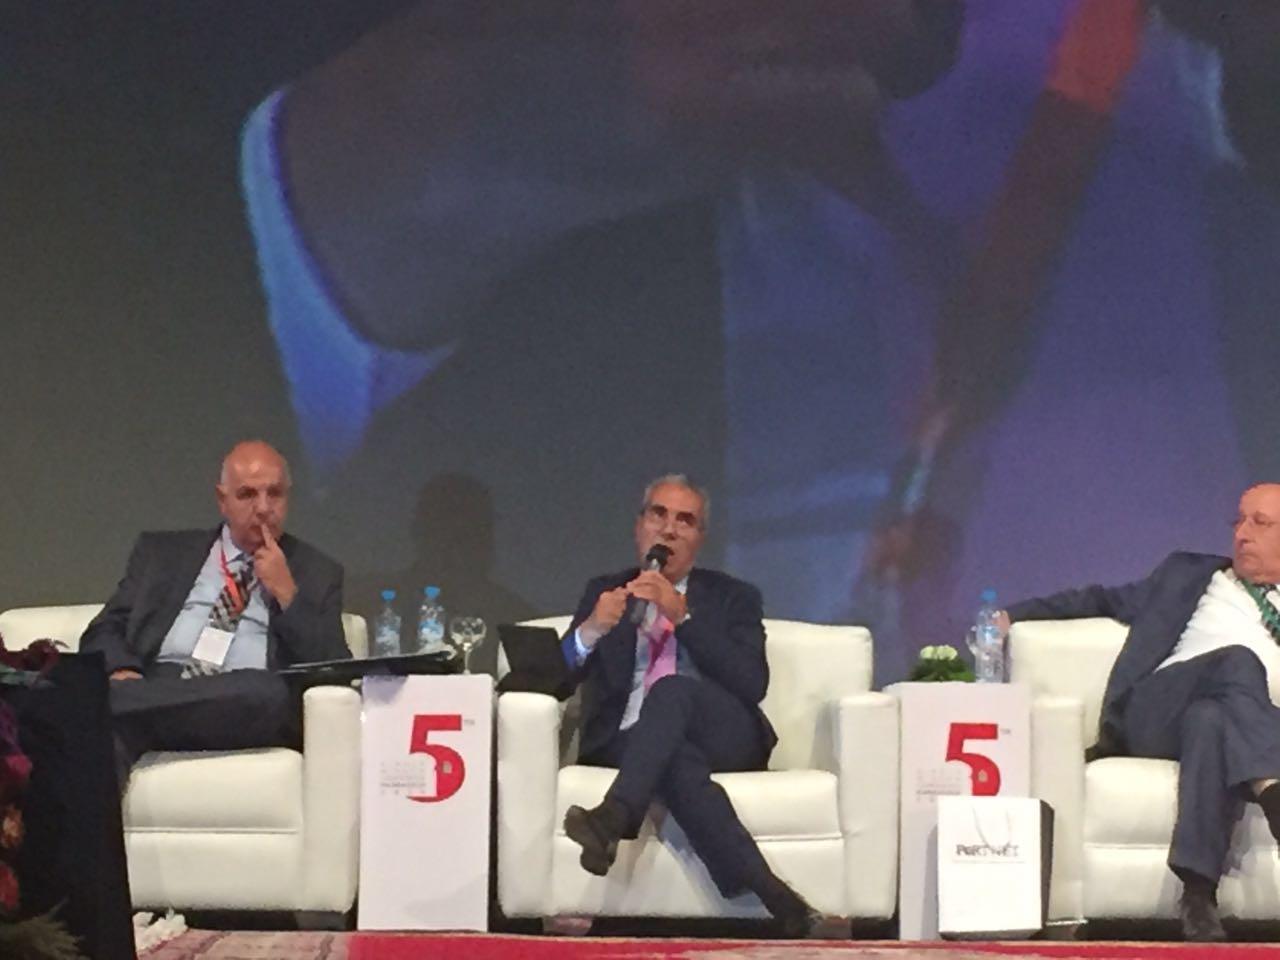 Experts et professionnels d battent des guichets uniques for Portnet maroc